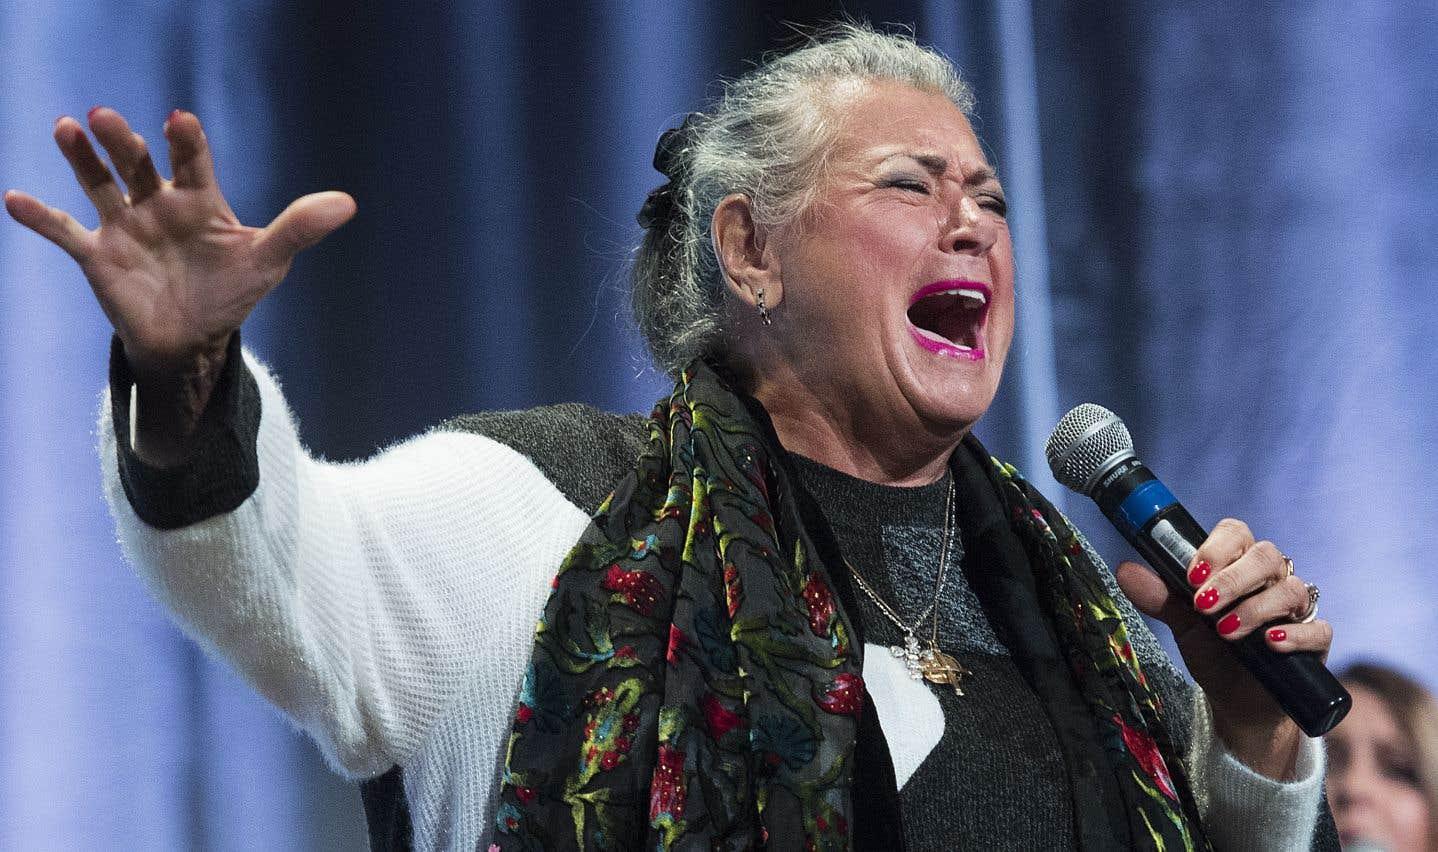 La chanteuse Ginette Reno a offert une prestation lors de la cérémonie qui a rassemblé une centaine de personnes.